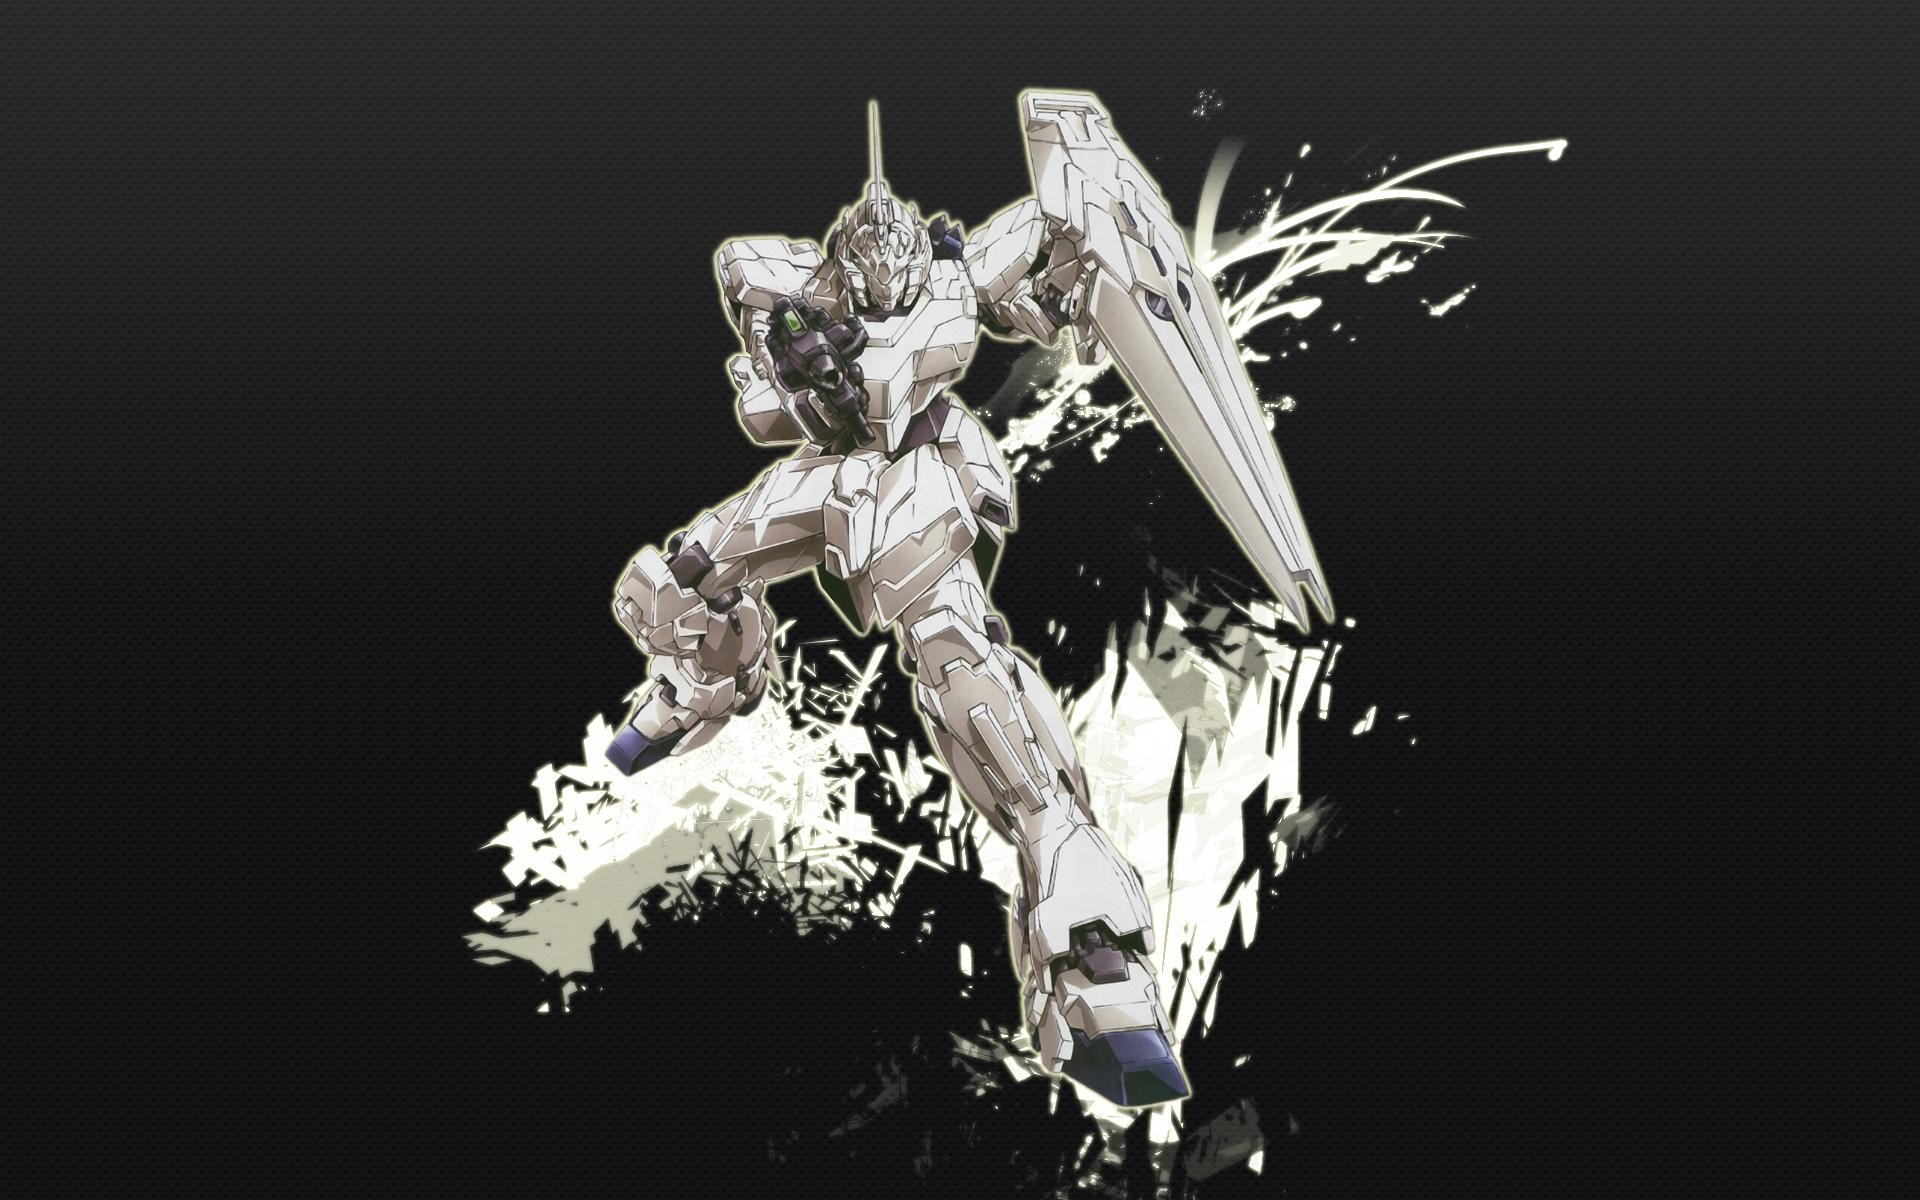 Gundam Unicorn Wallpaper 1920×1080